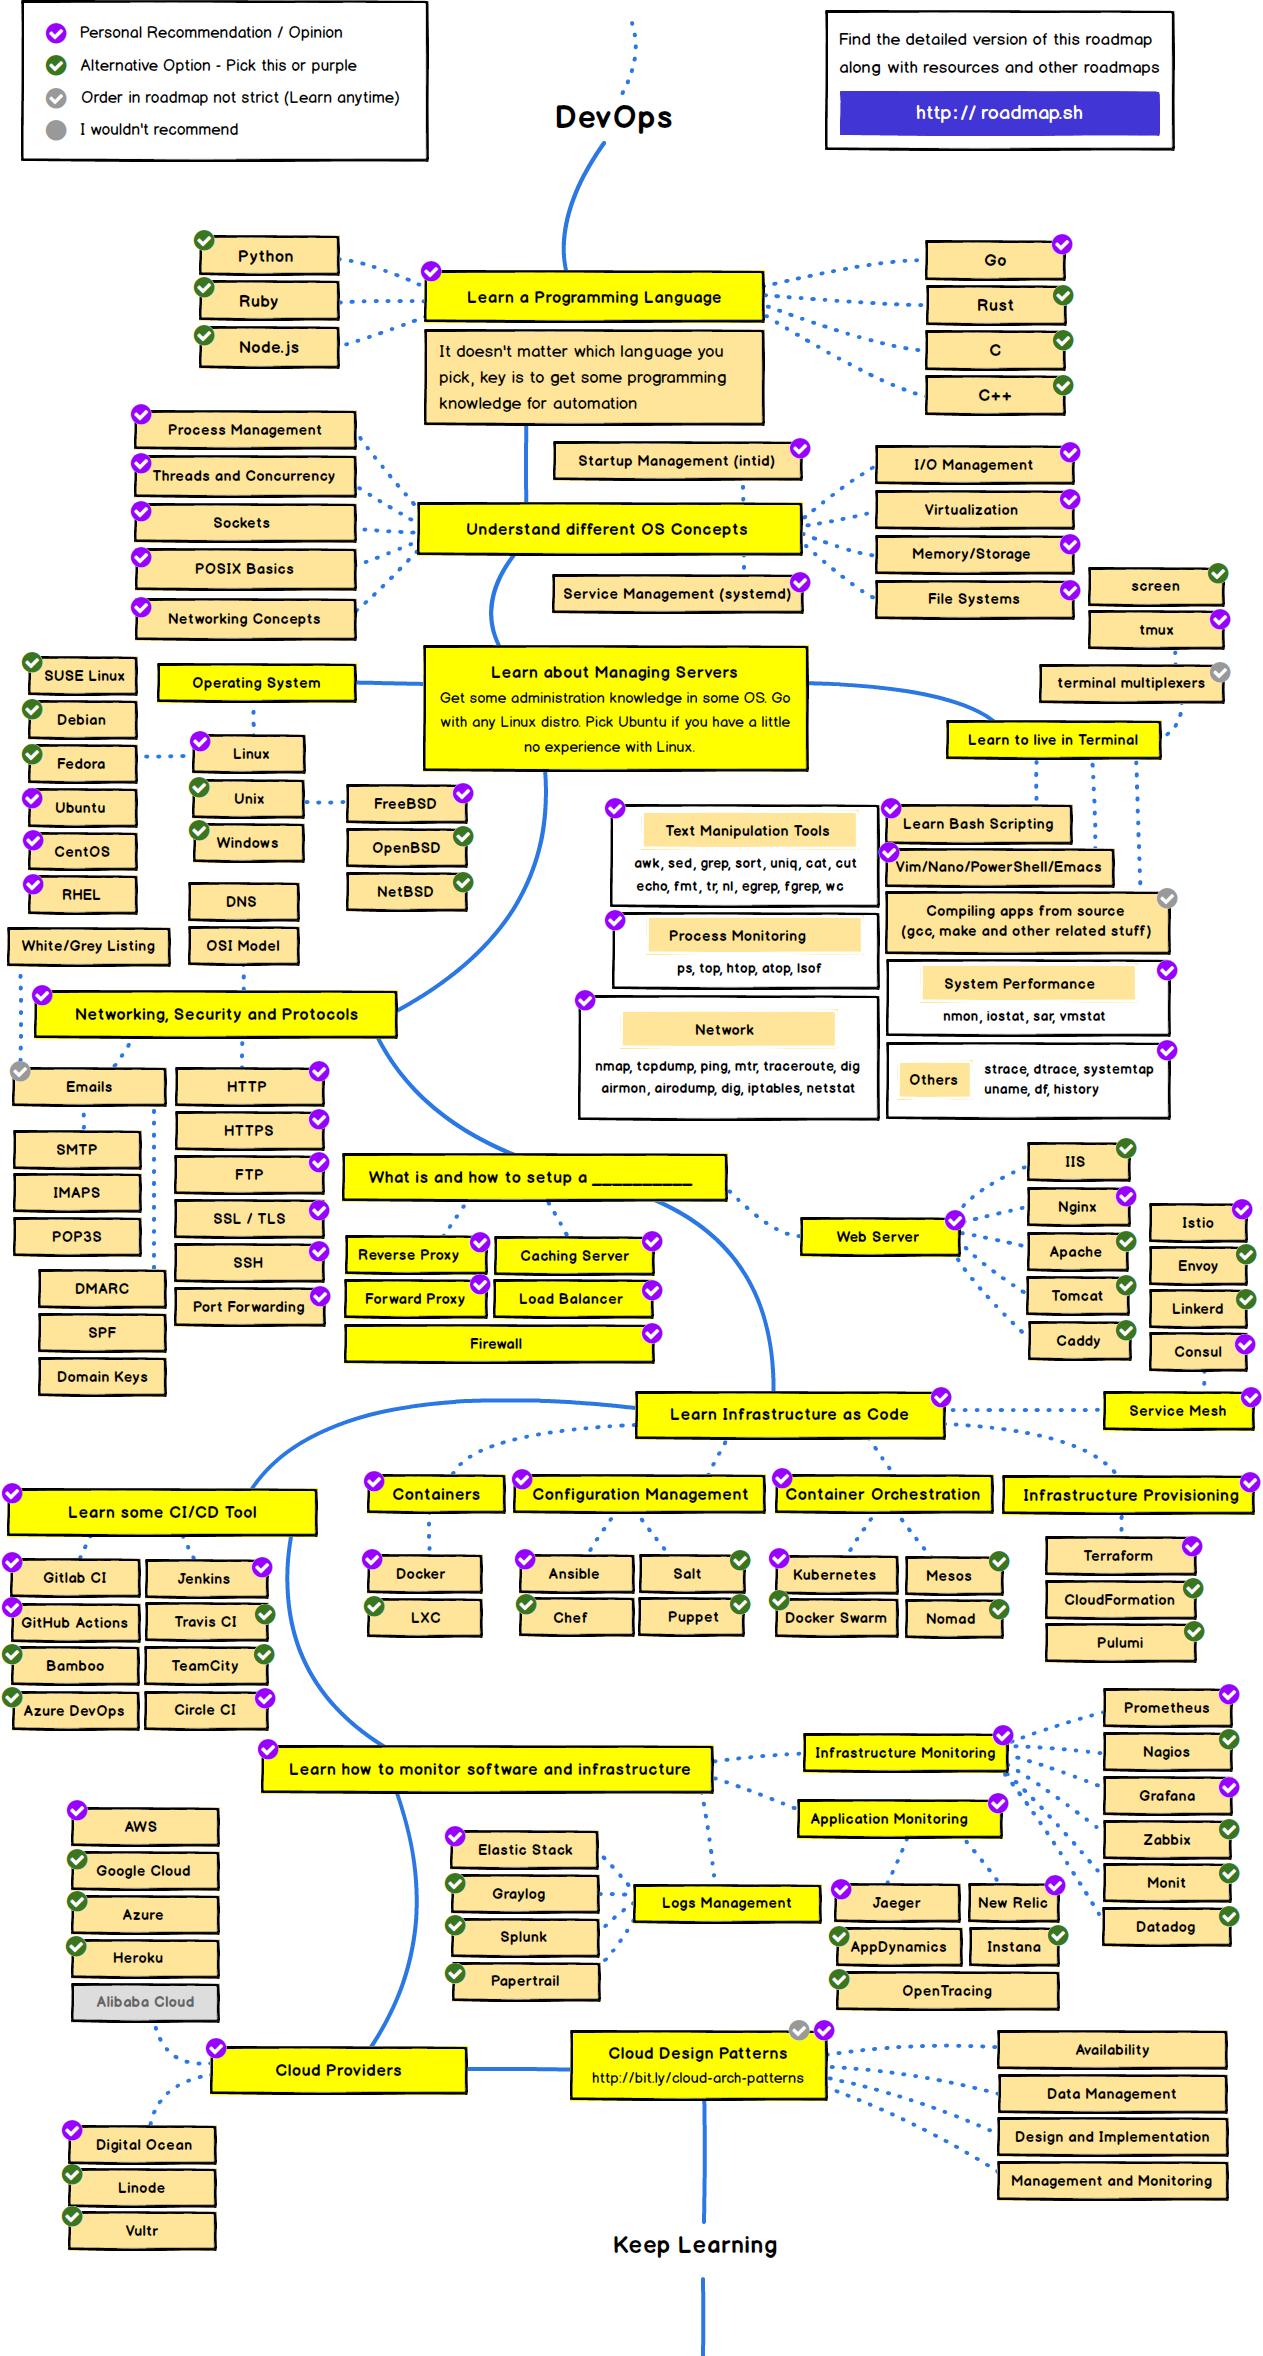 devops-roadmap 2